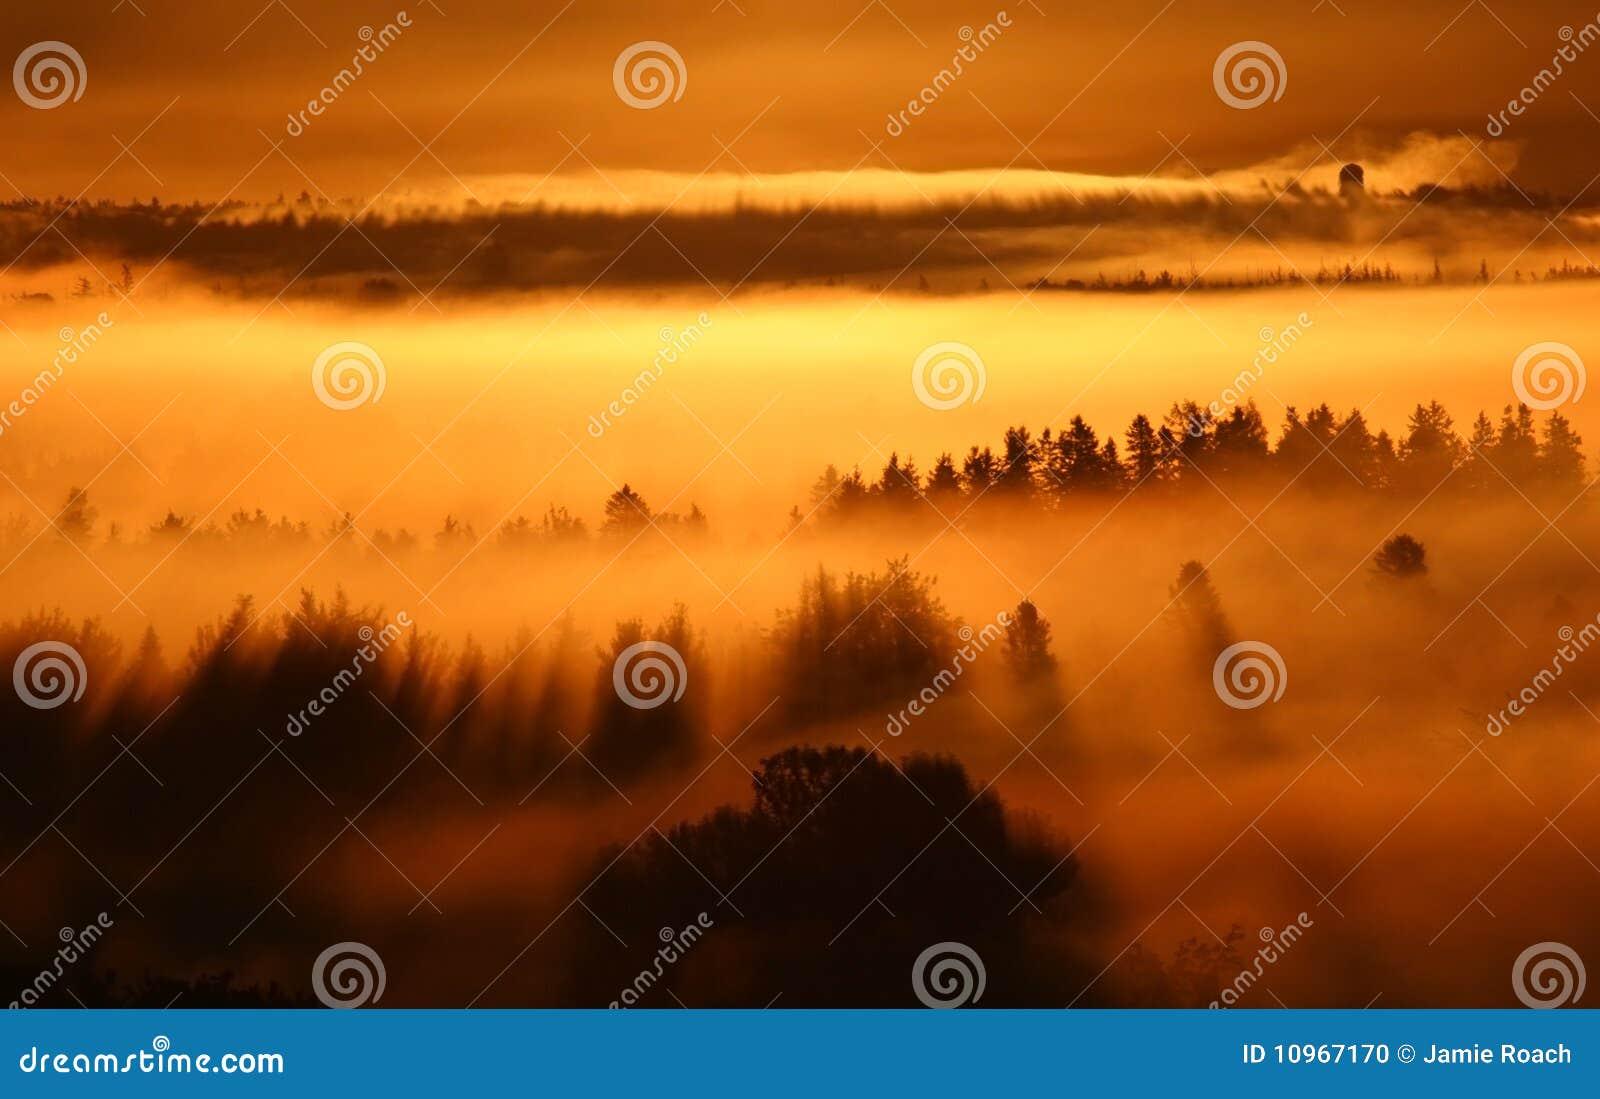 восход солнца тумана